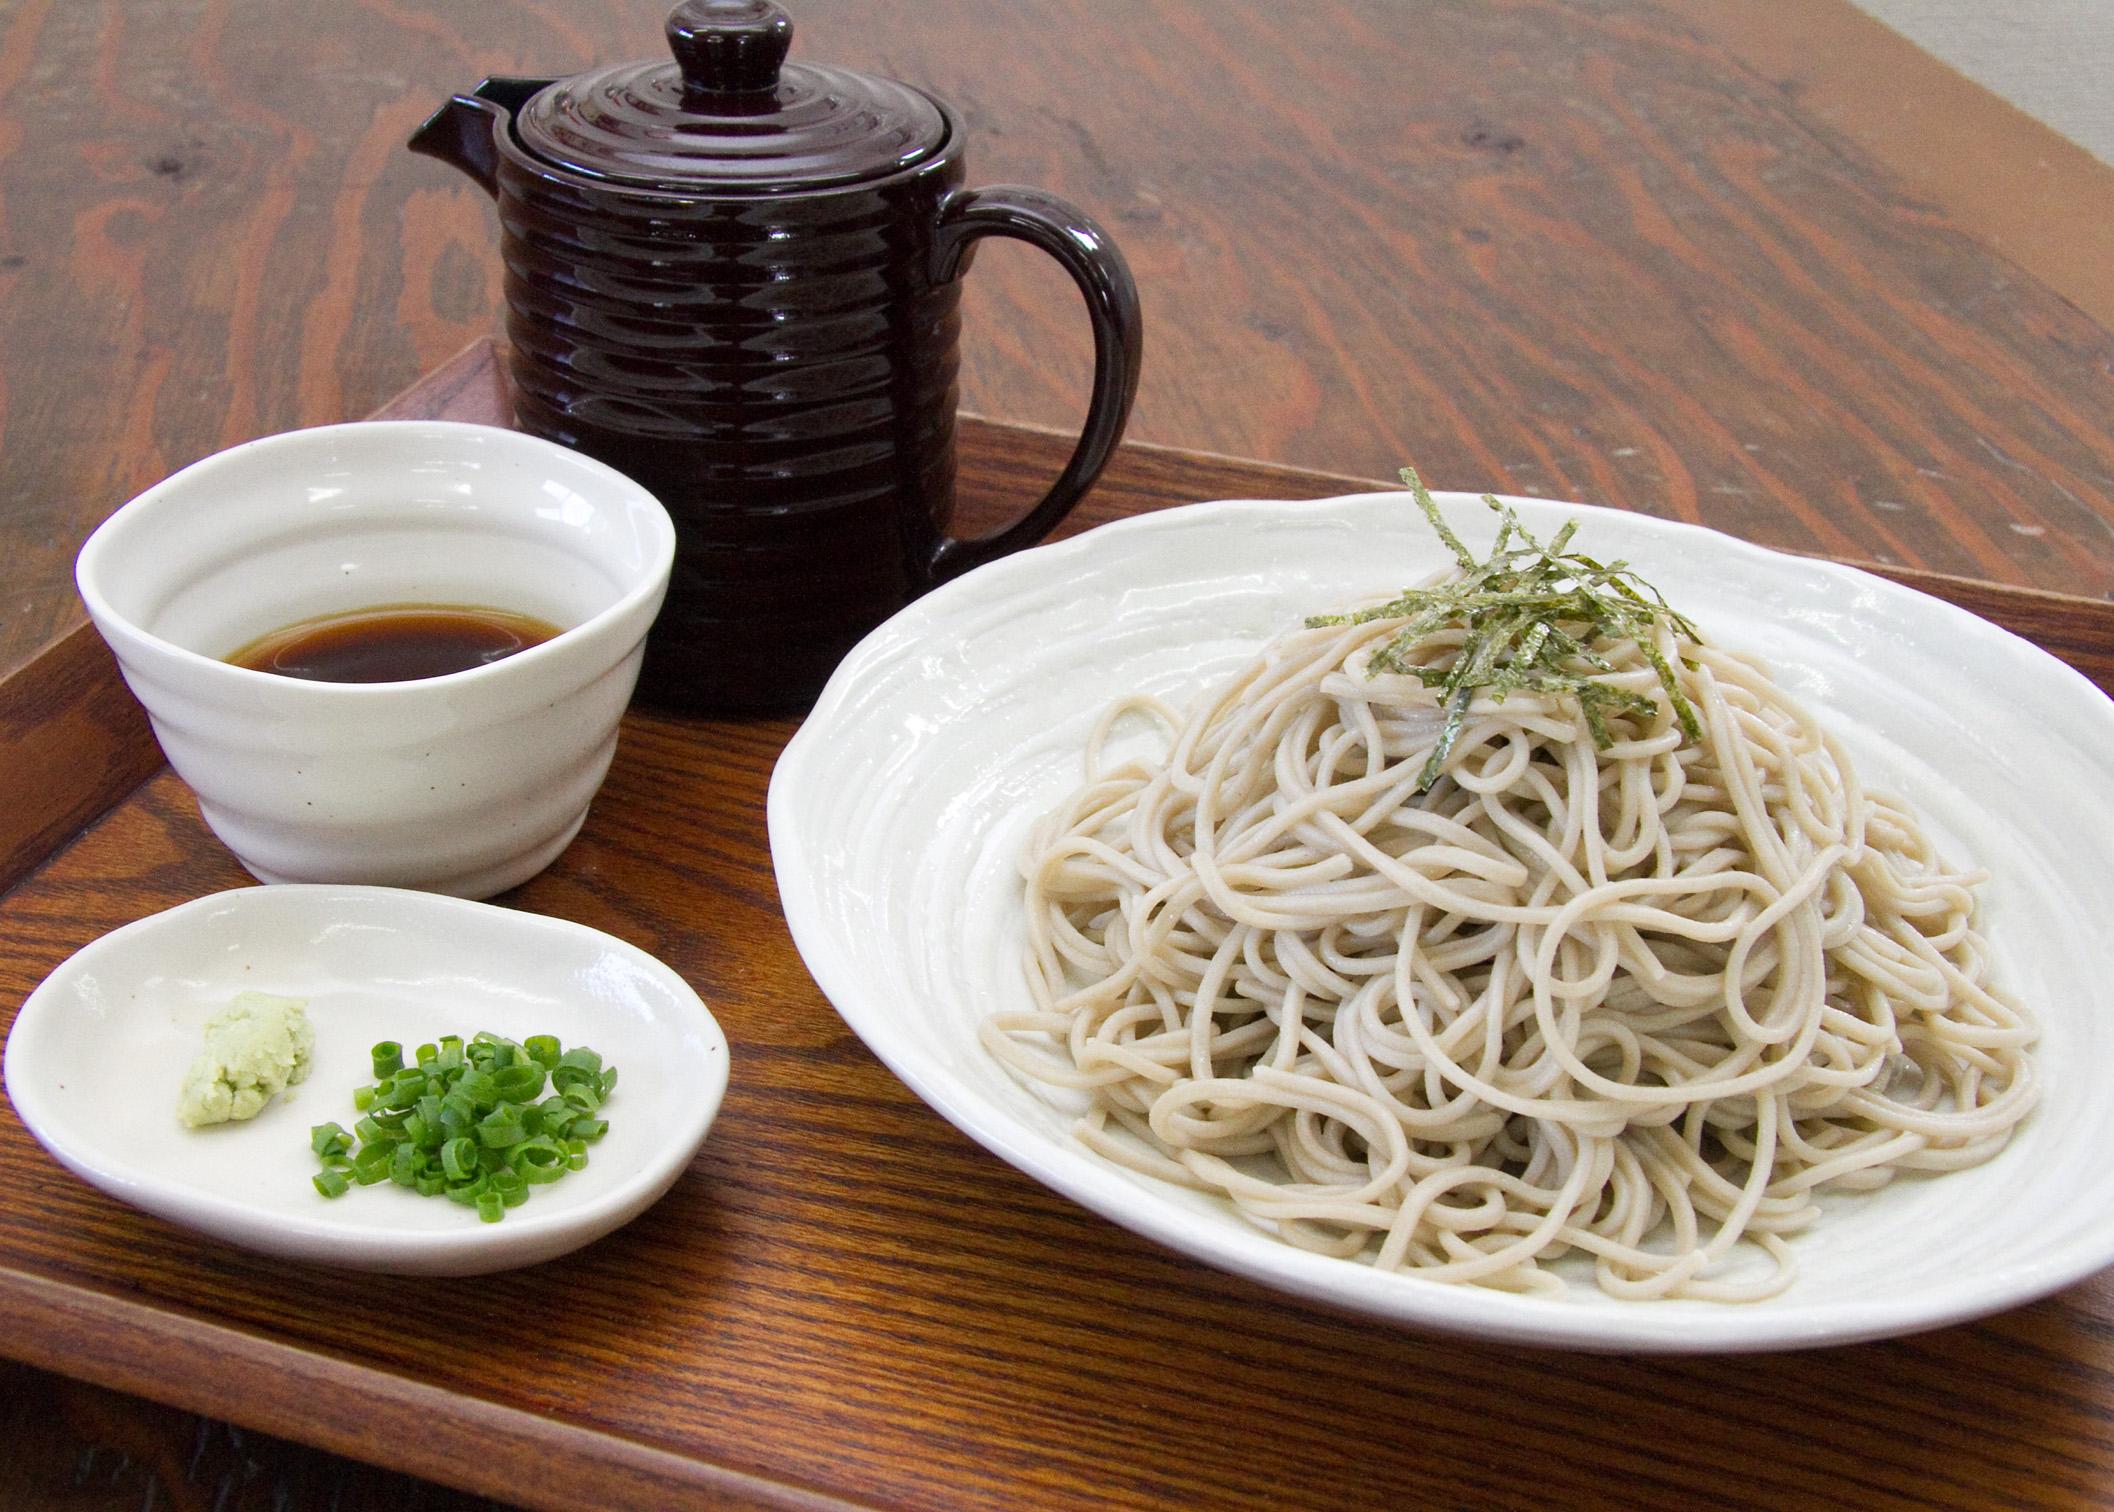 蕎麦の美味しさを混じりけのない状態で味わうことができる十割蕎麦。打ち立ての麺は鮮度・のどごし共に抜群。